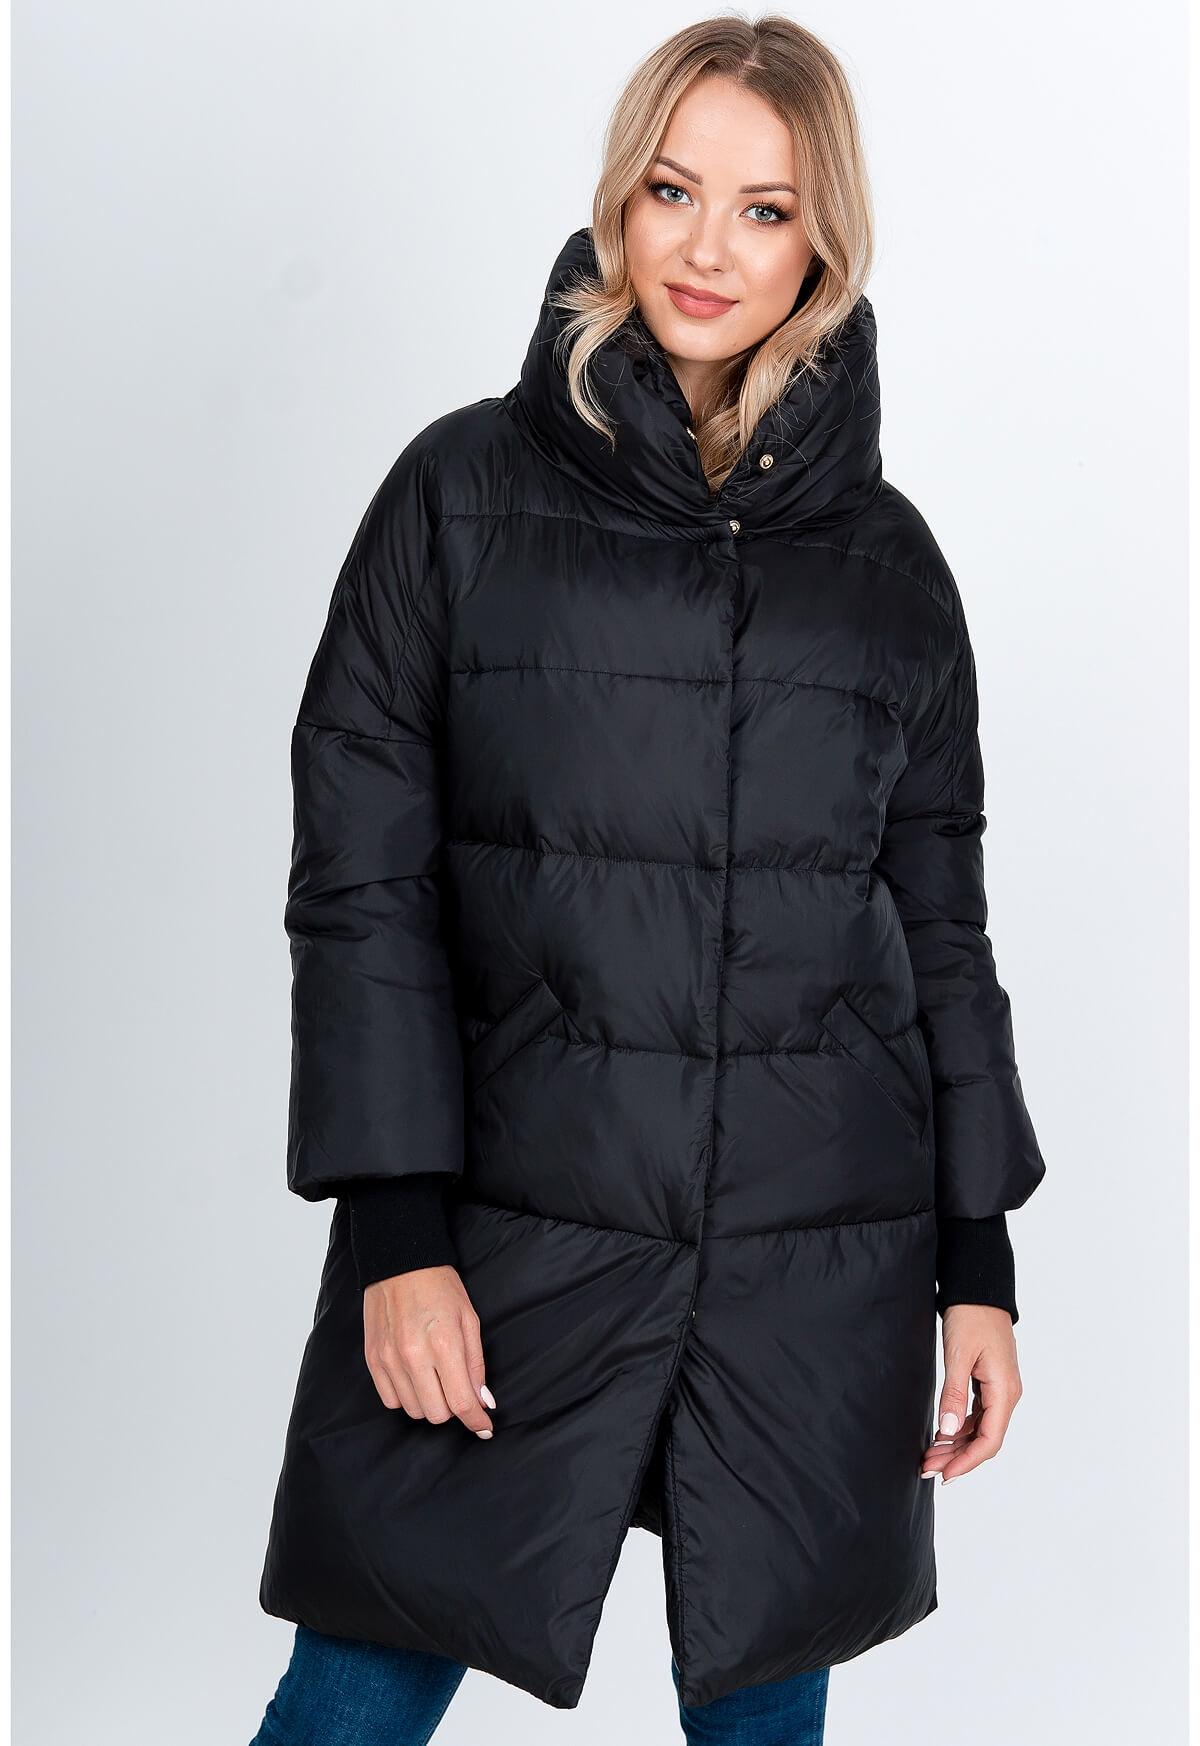 Zimná prešívaná pérova bunda čiernej farby